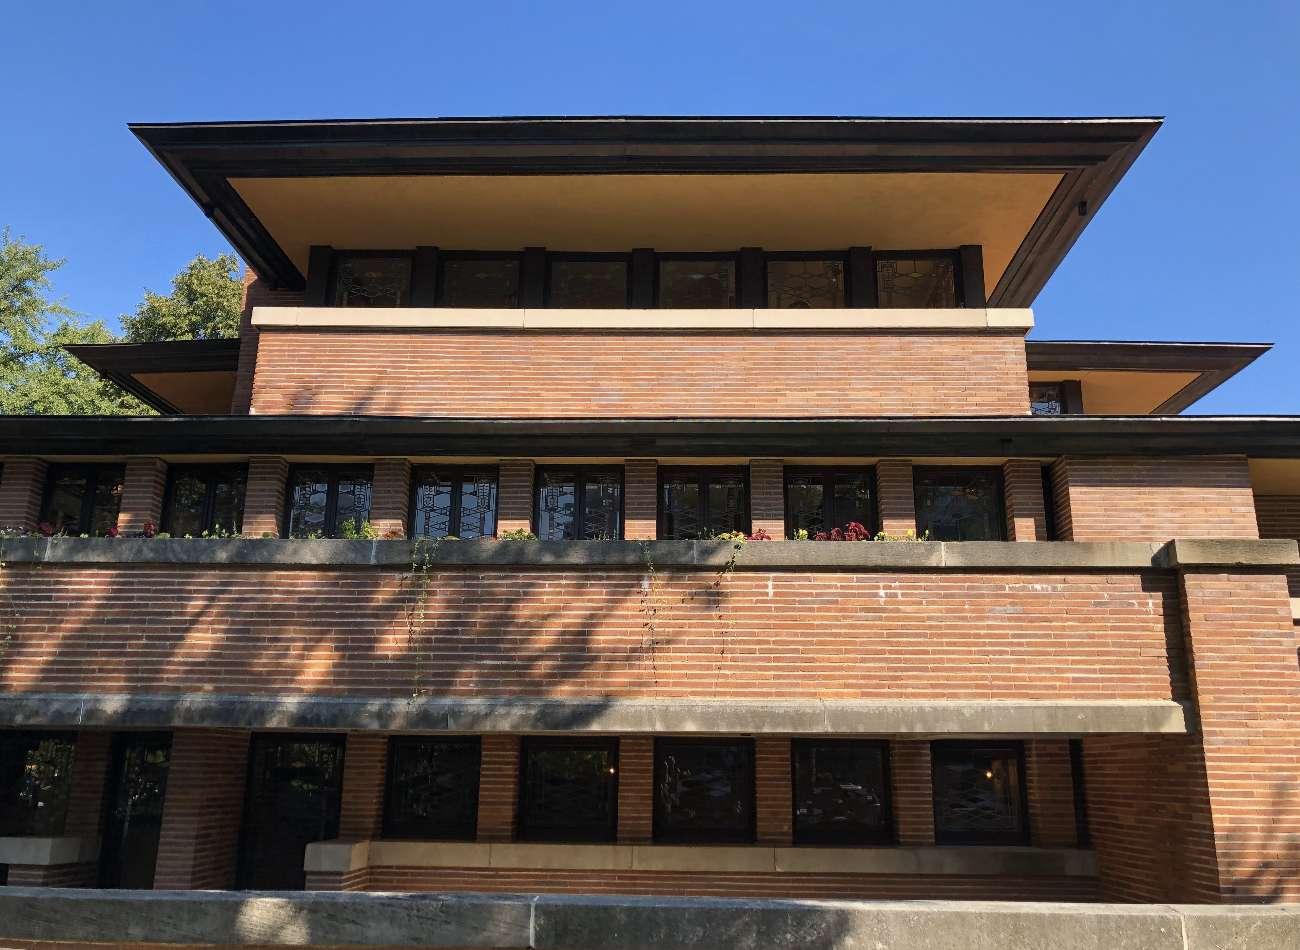 Gerade Linien bestimmen das Prairiehaus von Frank Lloyd Wright